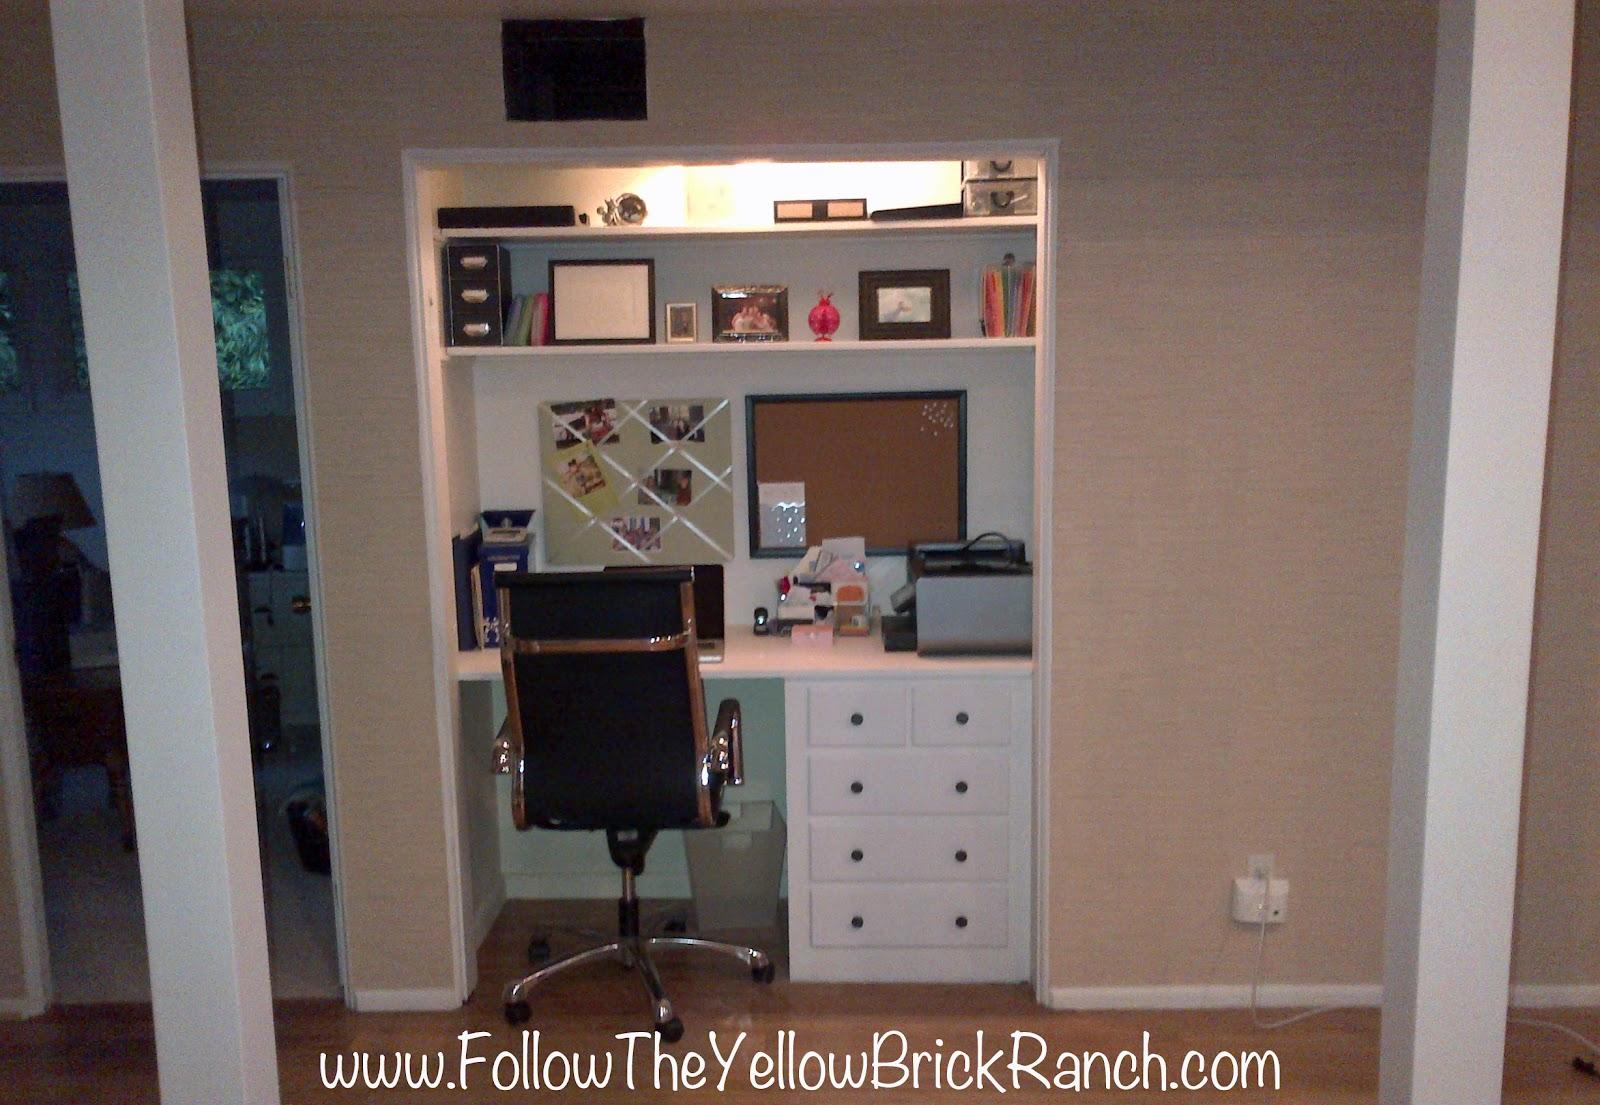 http://1.bp.blogspot.com/-E2i3ShMx18I/T86JP0otmoI/AAAAAAAAAyk/9Lky8Hricfs/s1600/FTYBR_OfficeAFTER.jpg